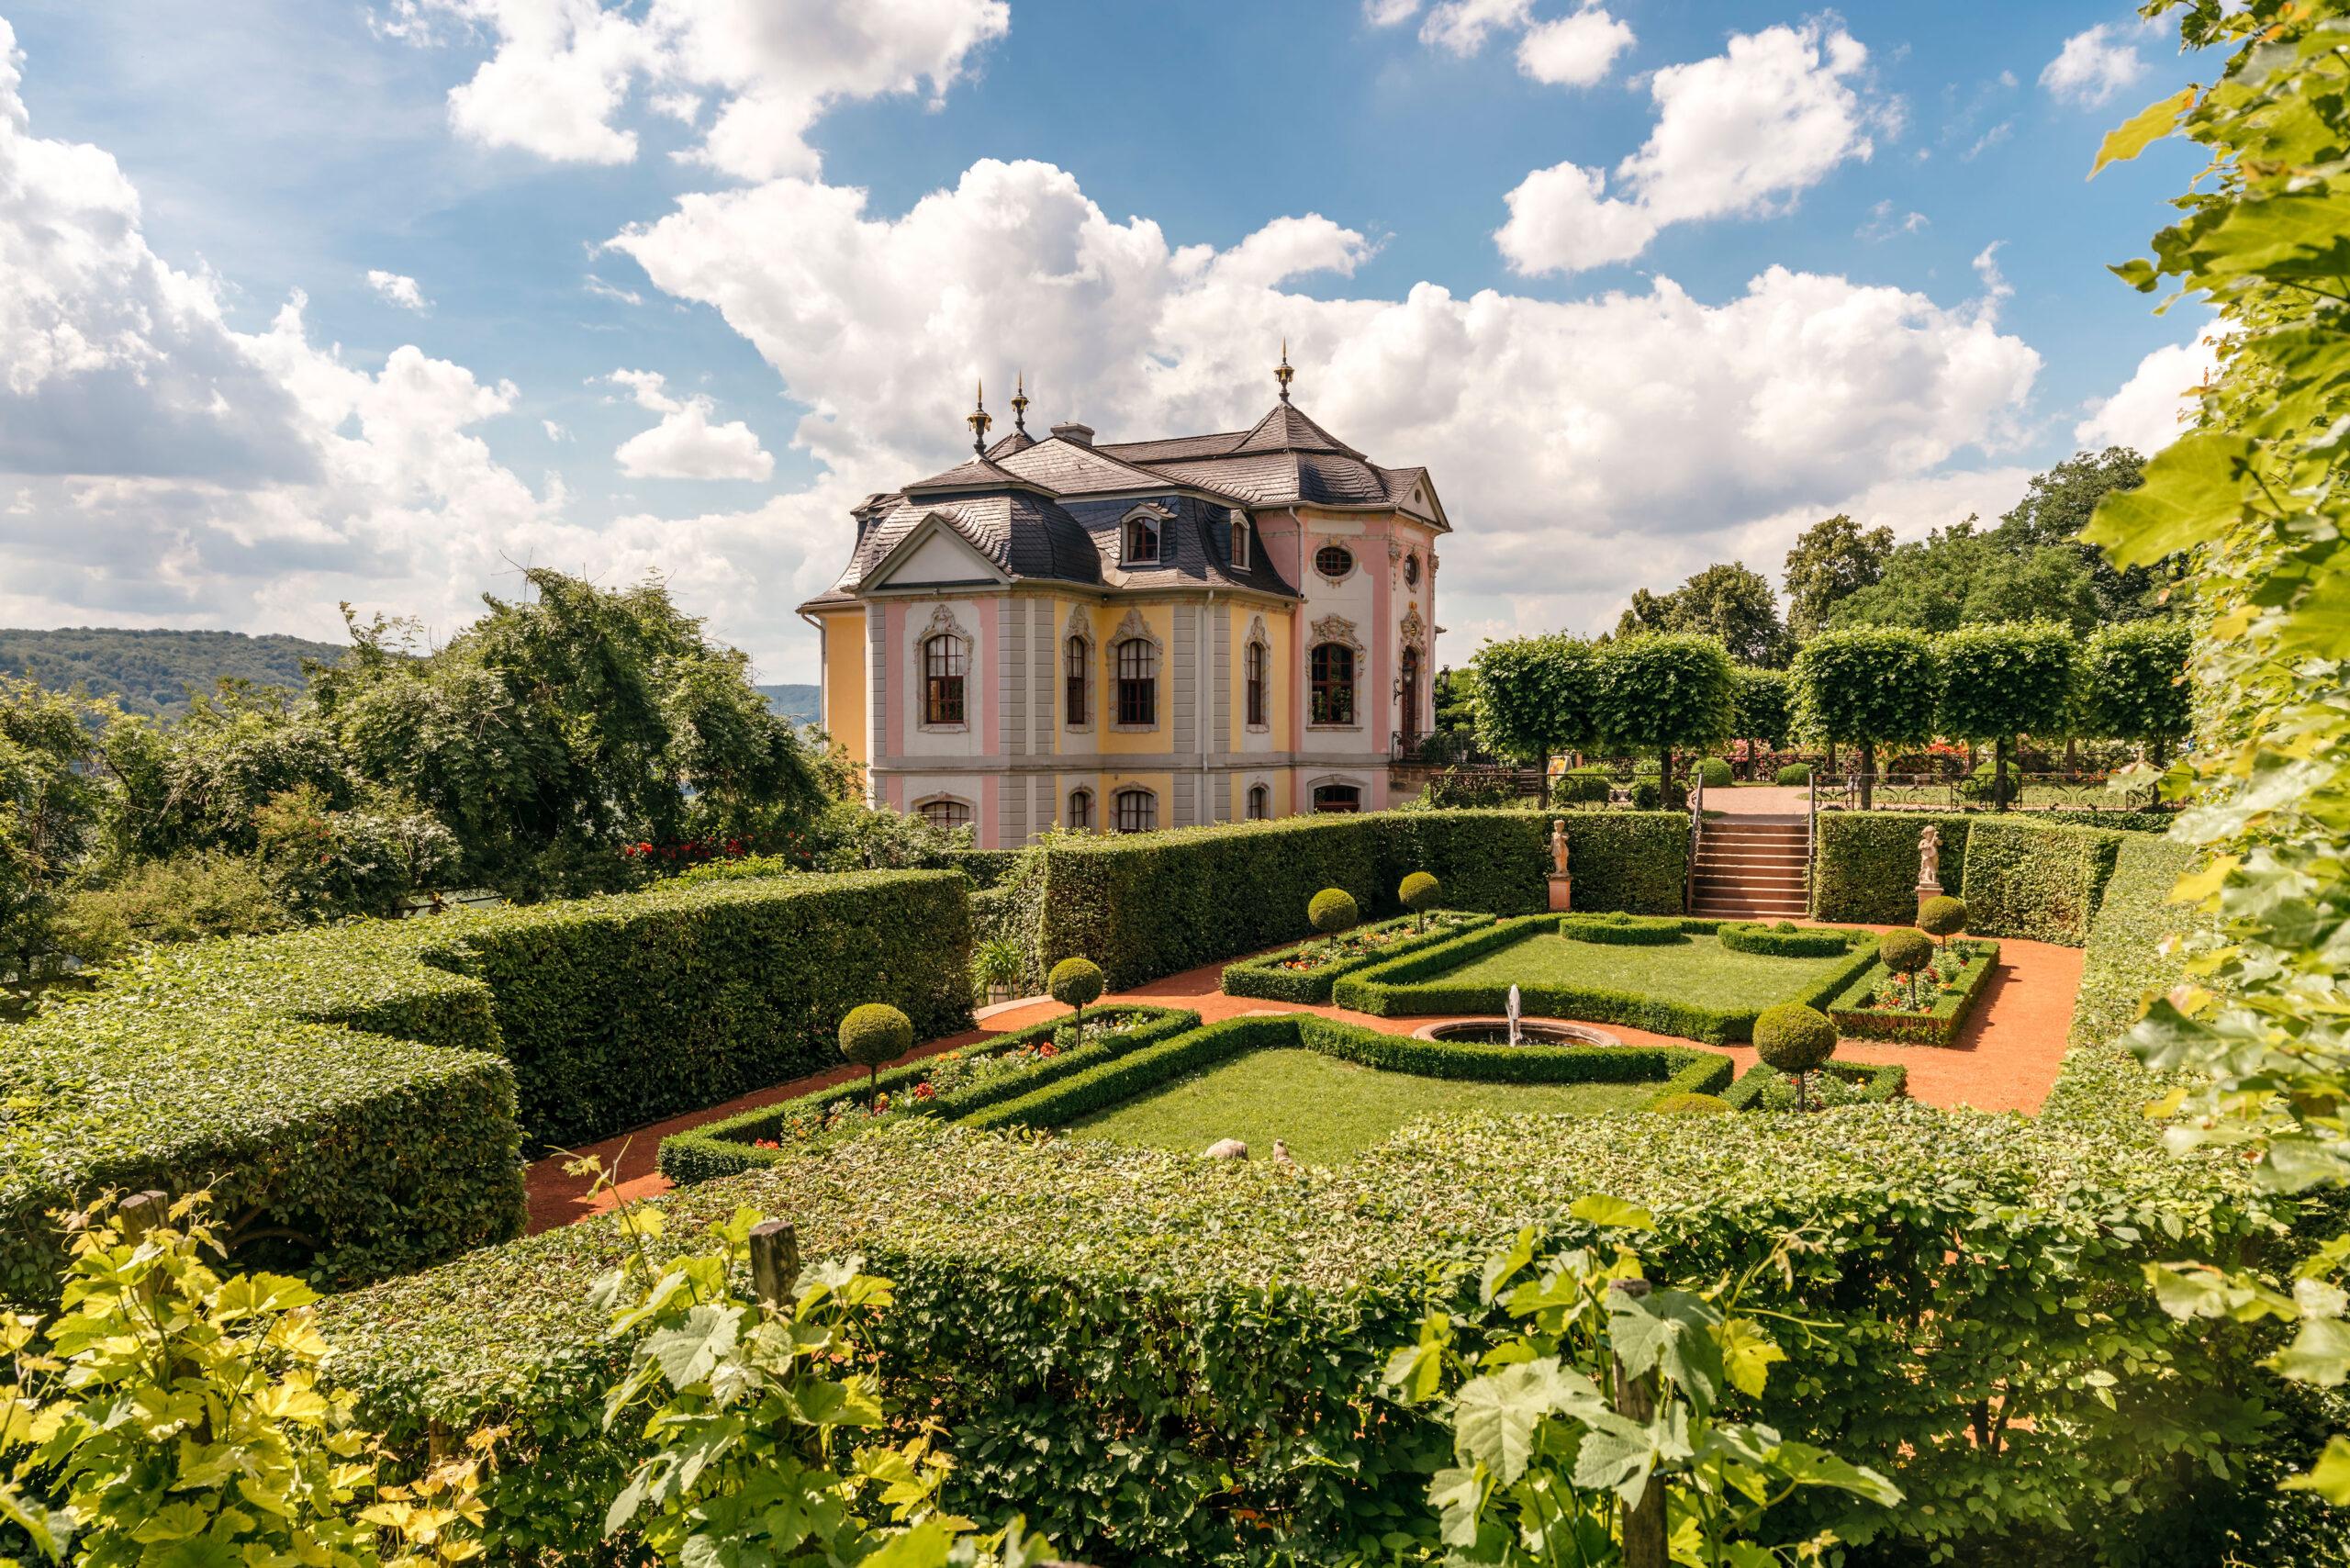 Rokoko-Schloss aus dem Ensemble der Dornburger Schlösser © Marcus Glahn / Stiftung Schloss Friedenstein Gotha für die Schatzkammer Thüringen